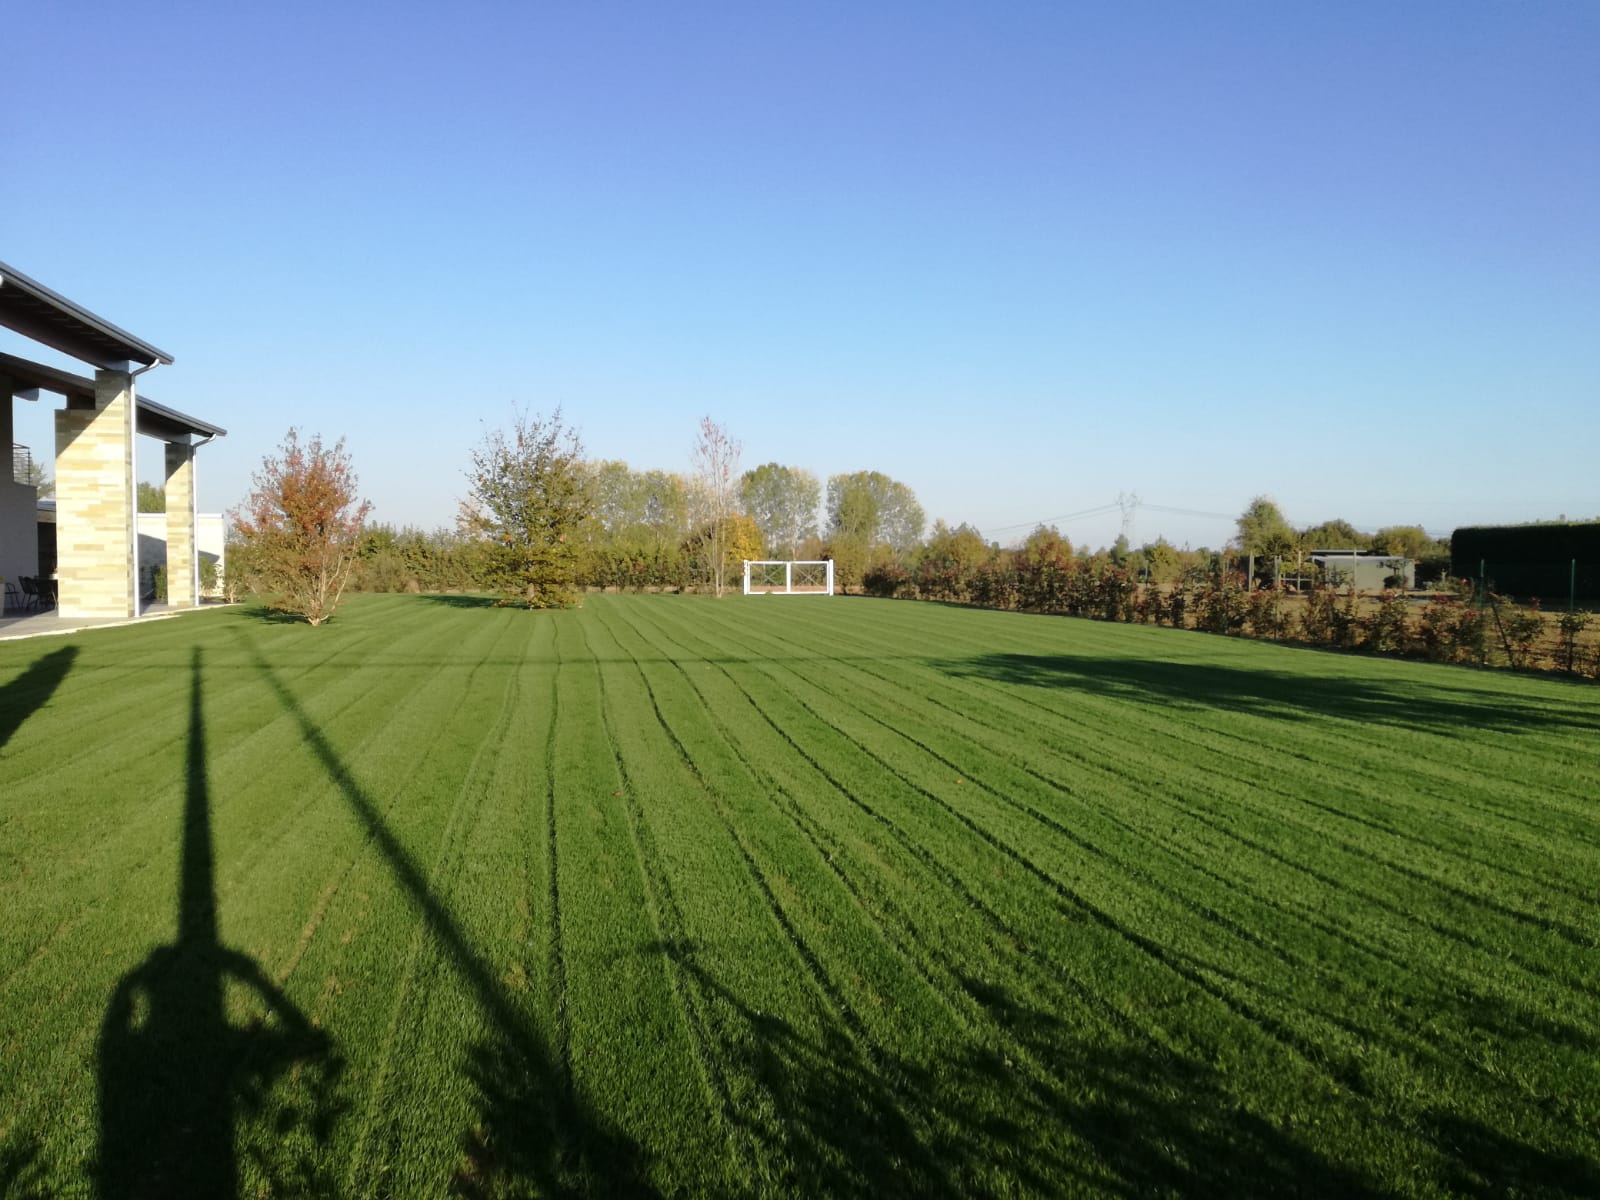 progettazione realizzazione giardini villaverla - verde blu giardini 13